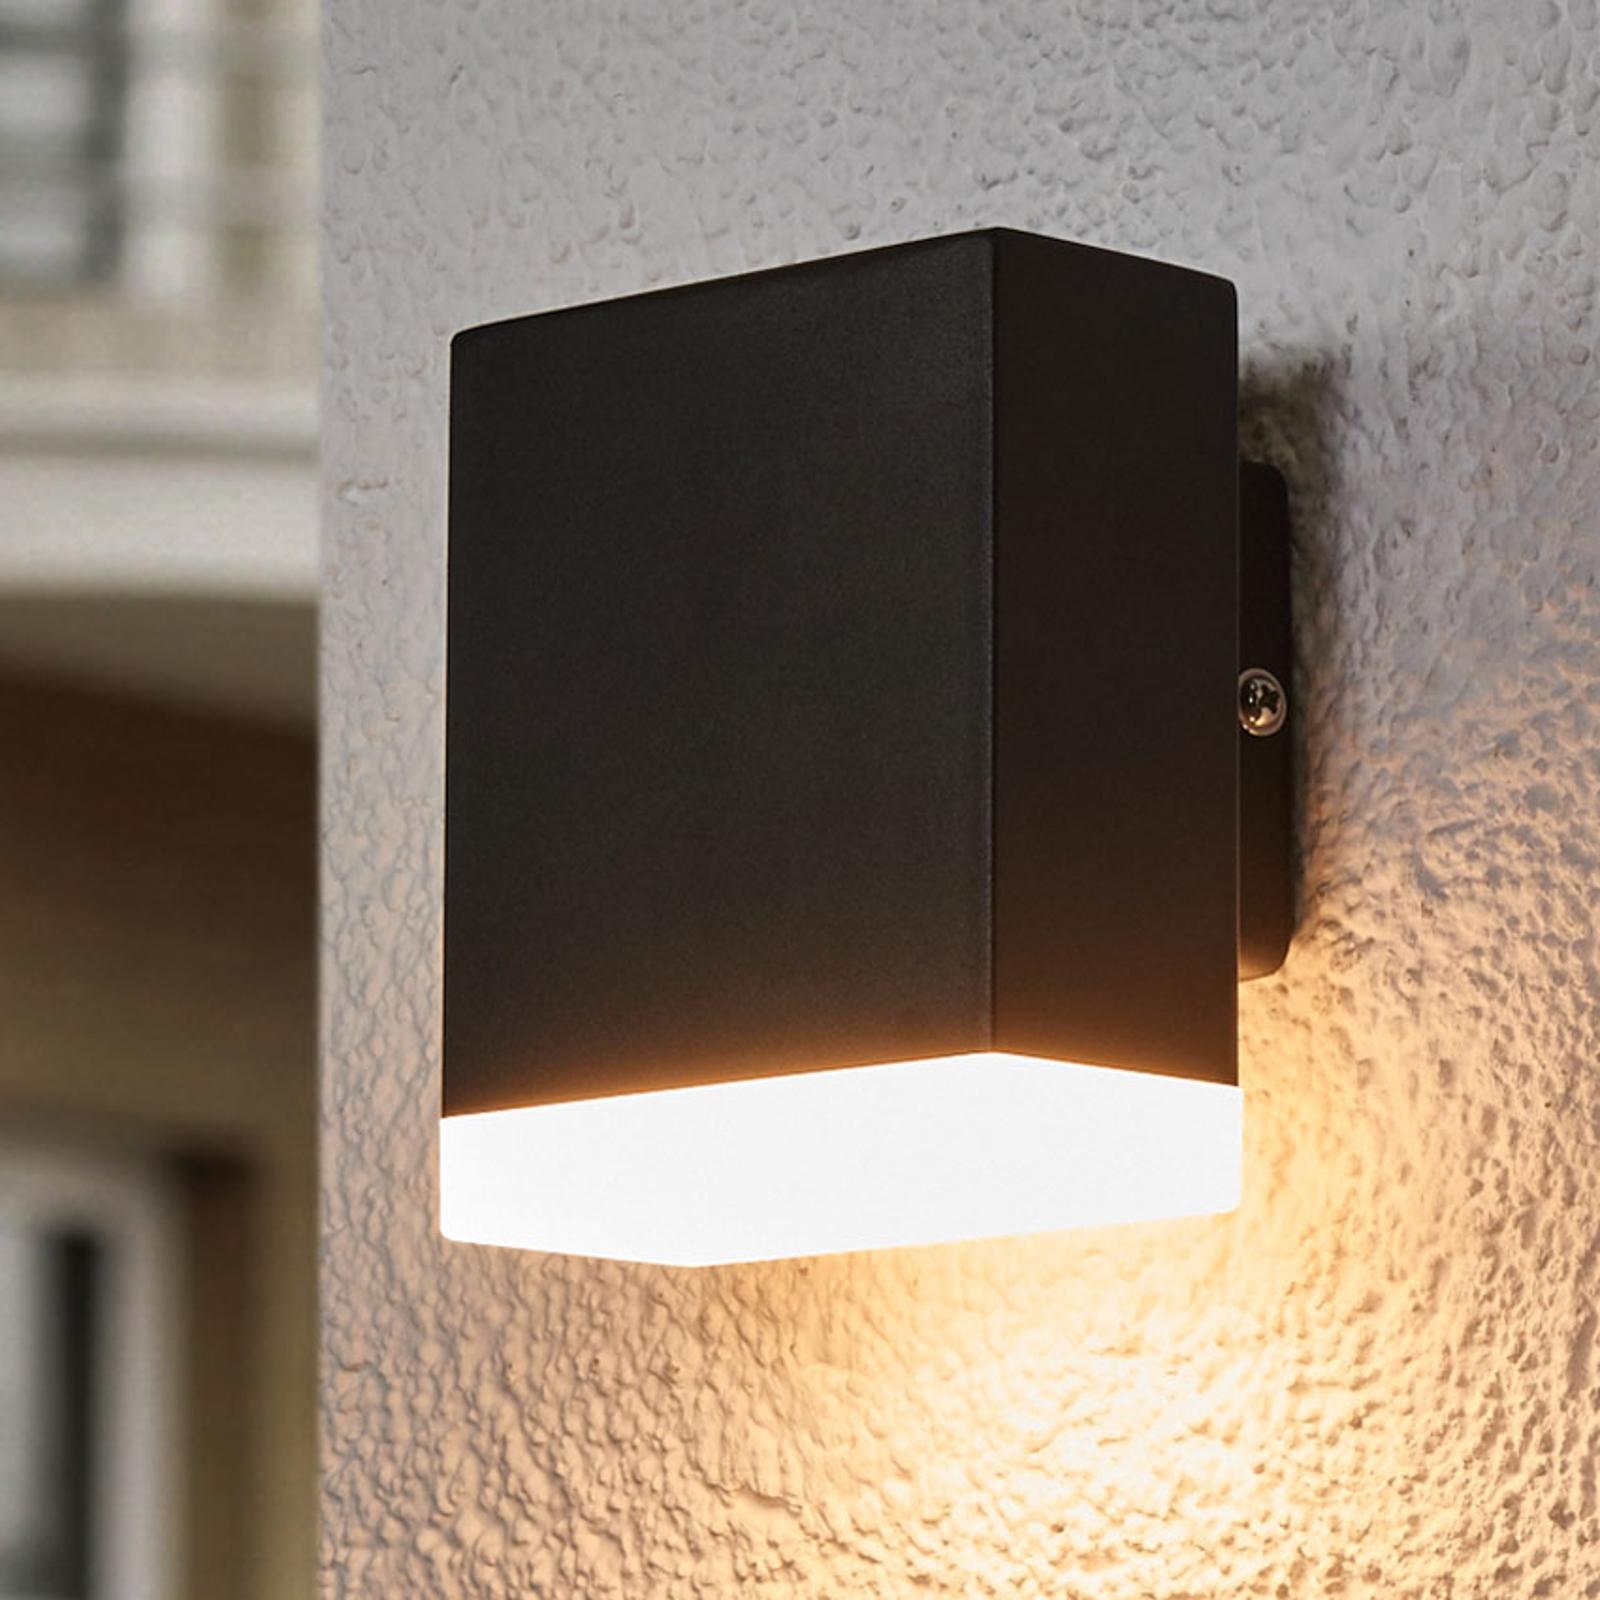 Moderne LED-vegglampe for utendørsbruk Aya i svart